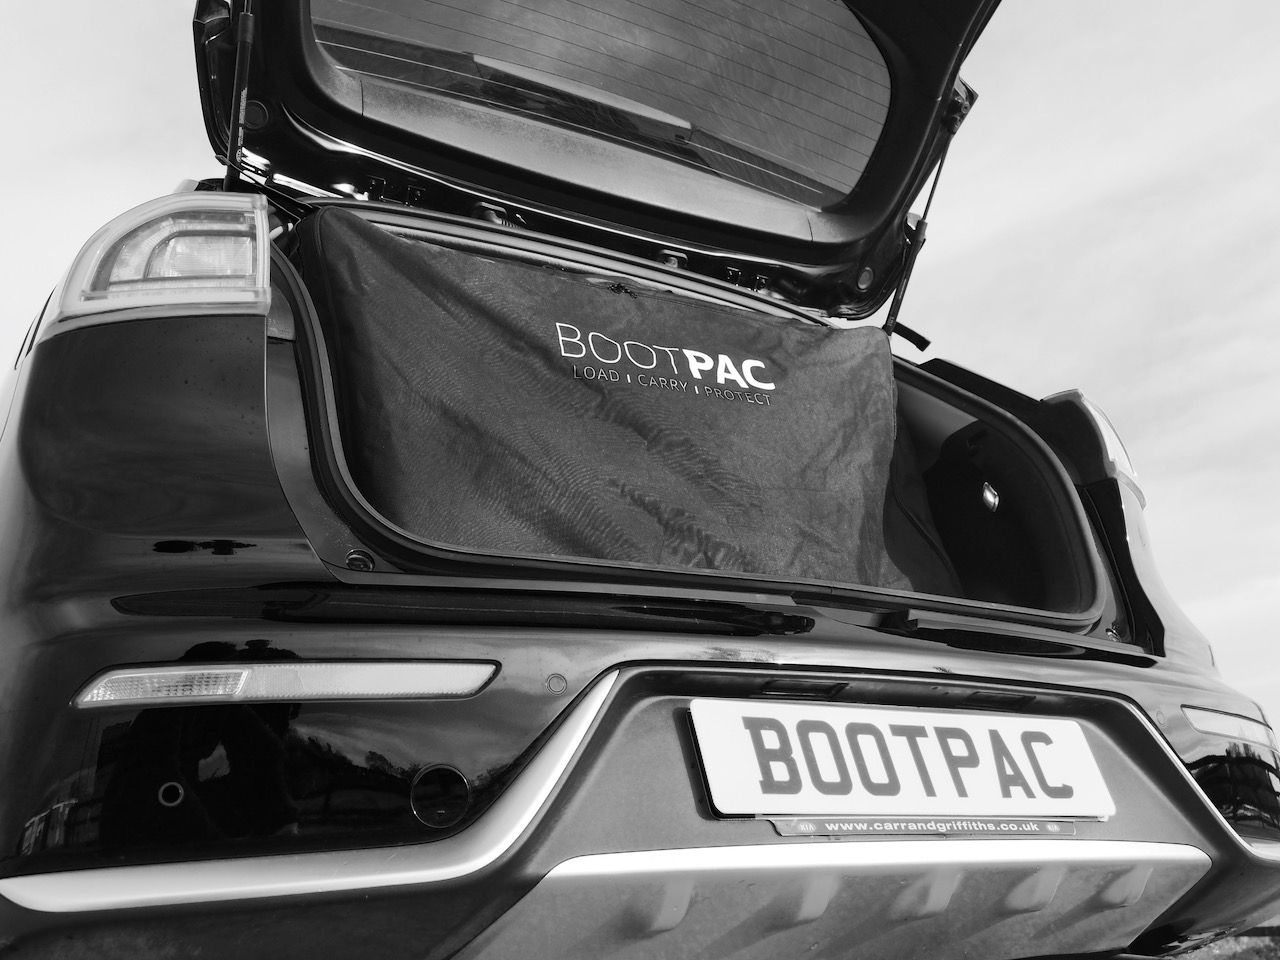 BOOTPAC 2021/22 Workbook